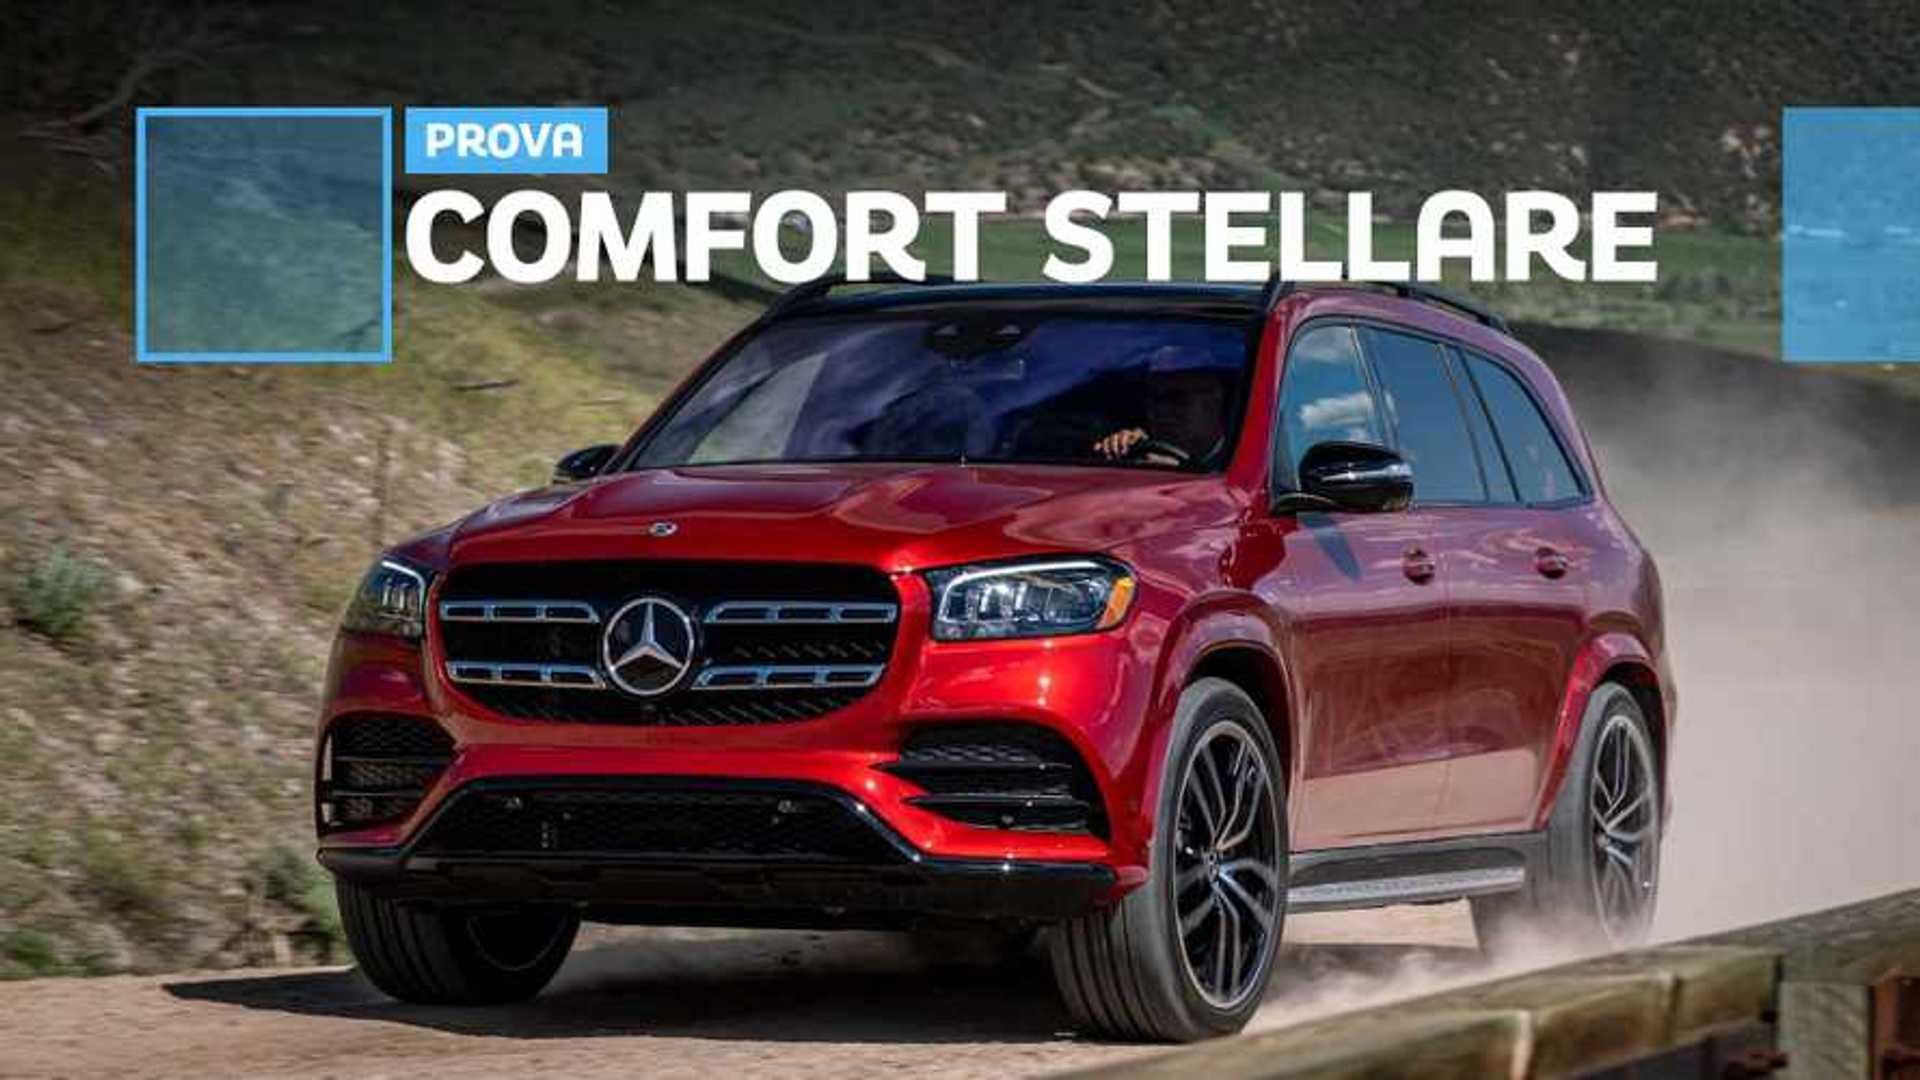 Nuova Mercedes GLS, il meglio che la Stella possa offrire